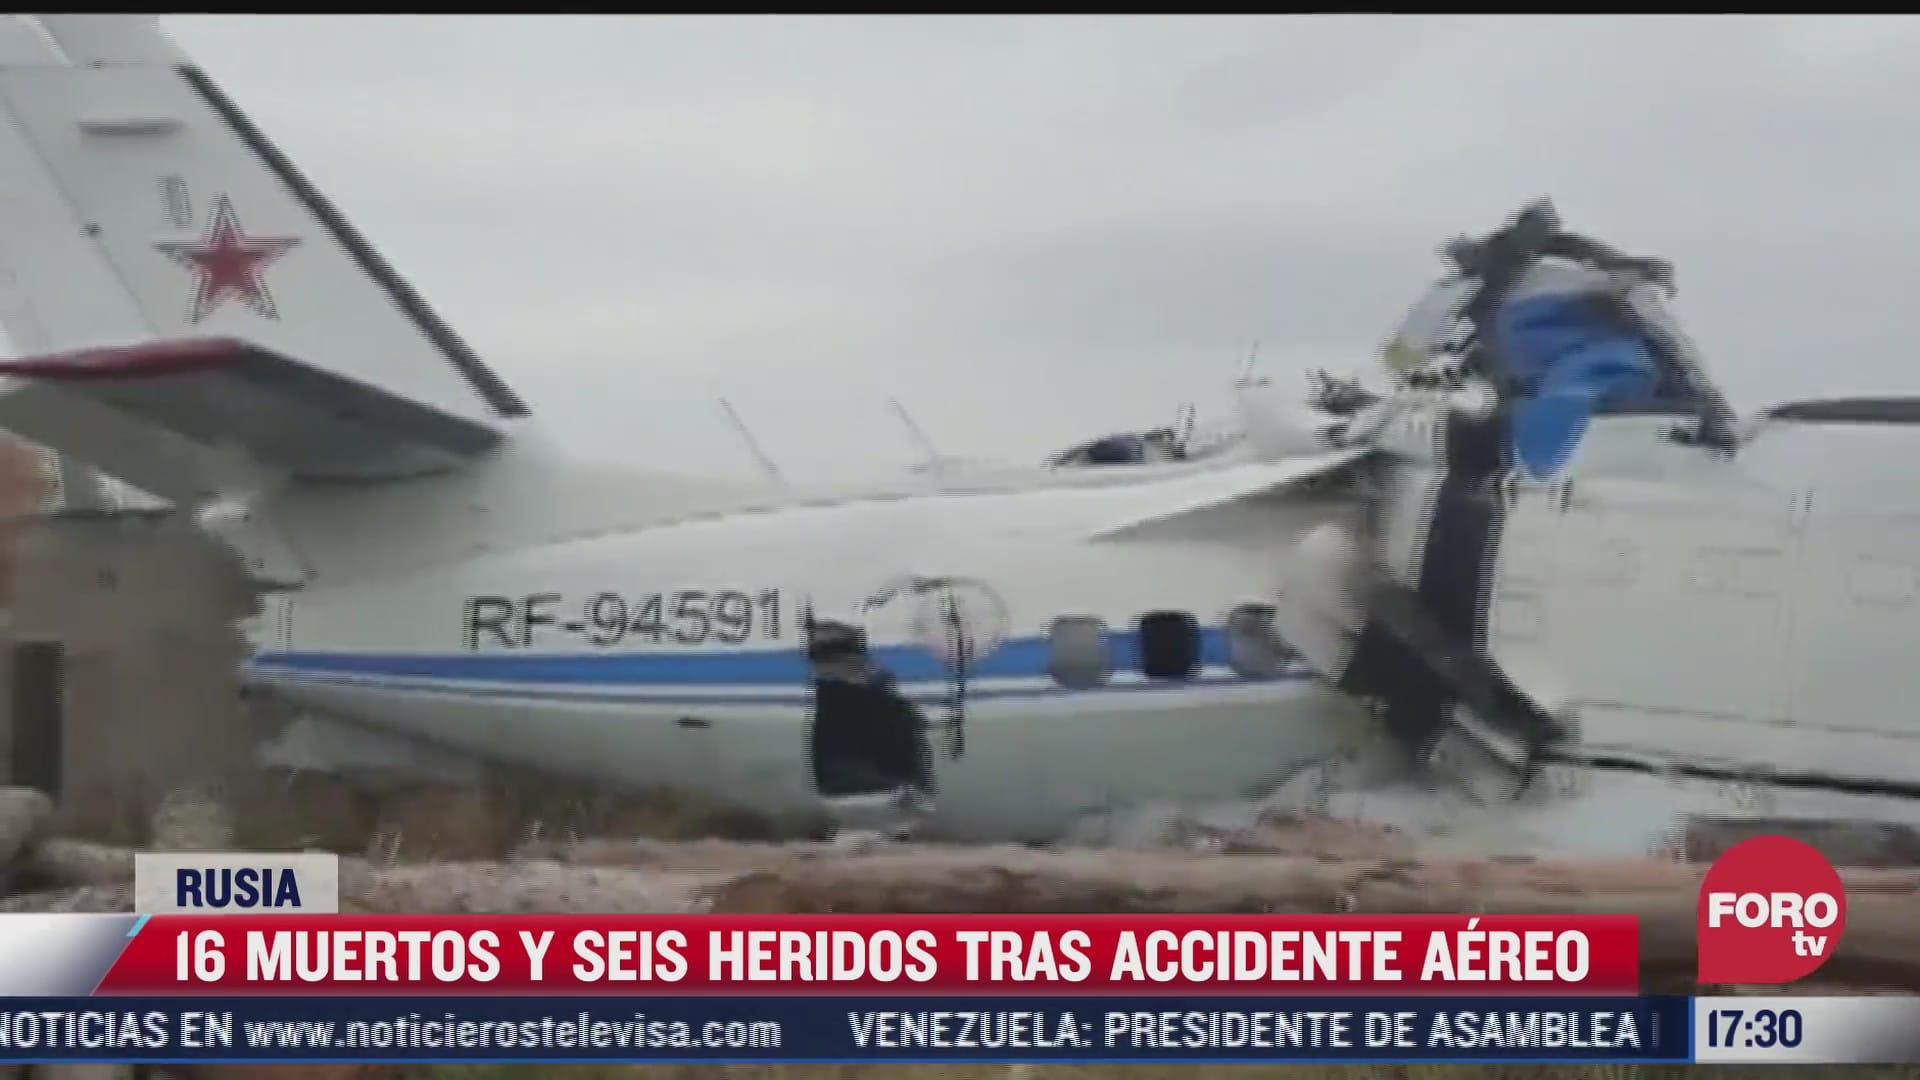 16 muertos y seis heridos tras accidente aereo en rusia